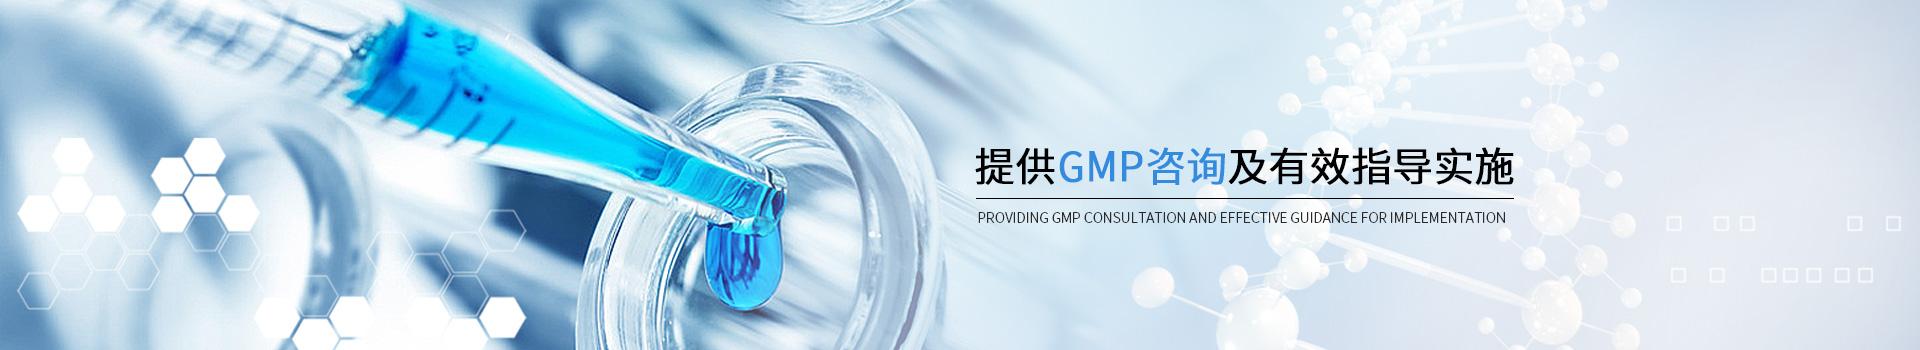 达沃医药提供GMP咨询及有效指导实施